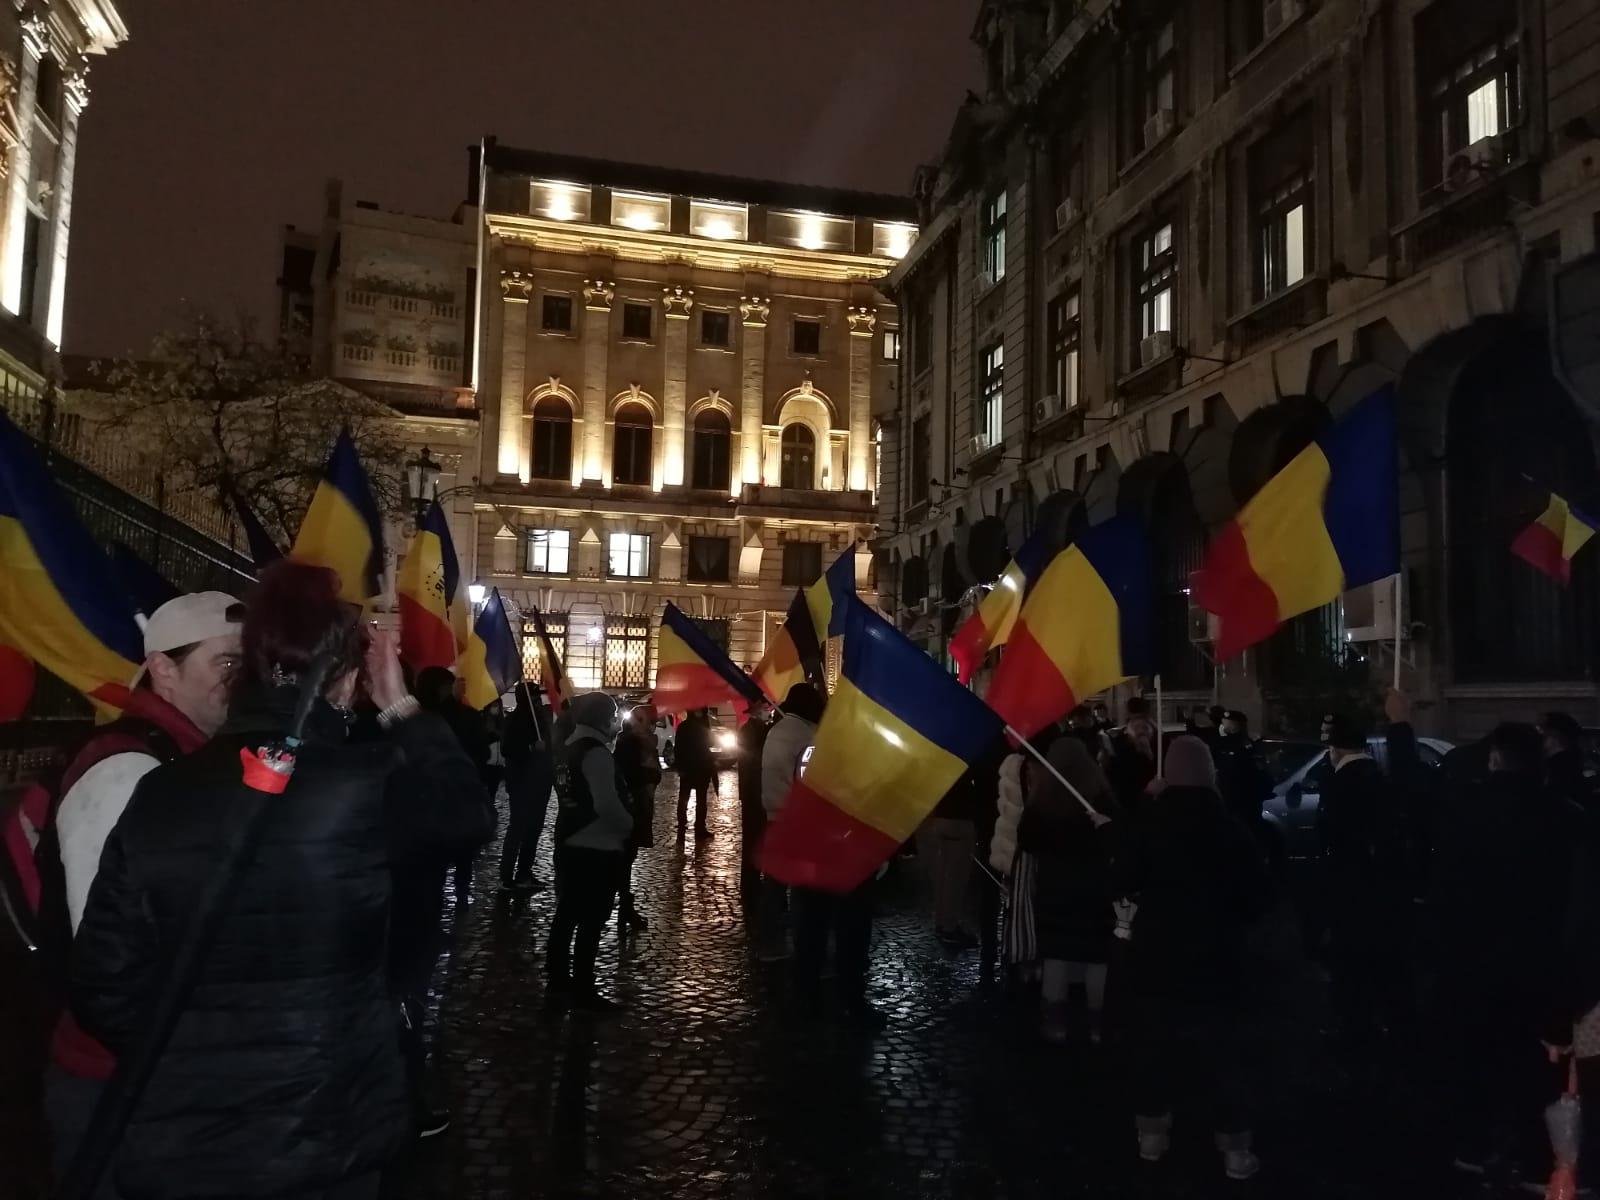 Lacrimi, lumânări și steagul tricolor pentru victime. Tătaru huiduit la minister